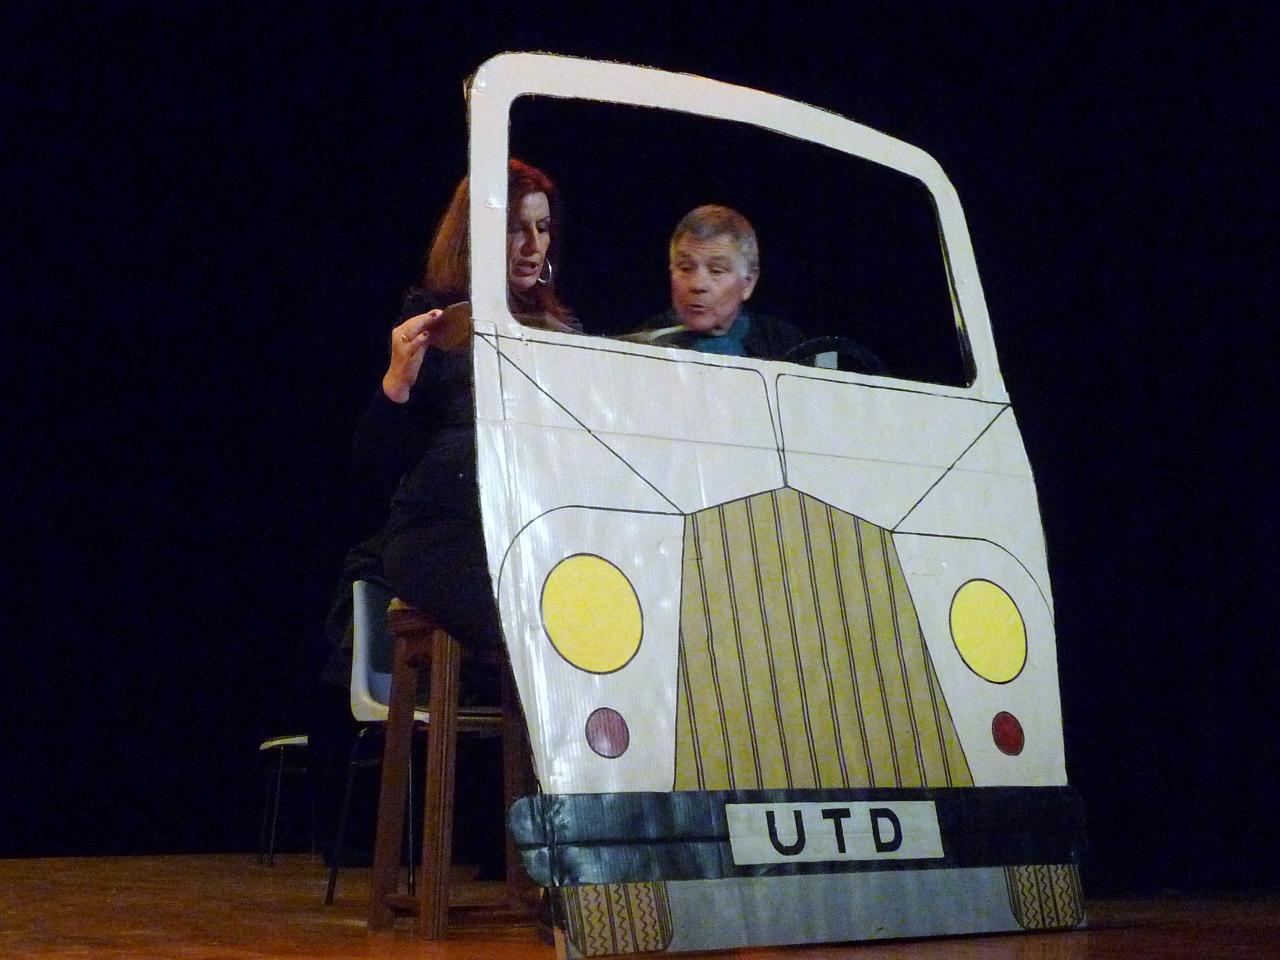 Le pt Théâtre fait son casting: L'invitation à diner (Carole GREEP)